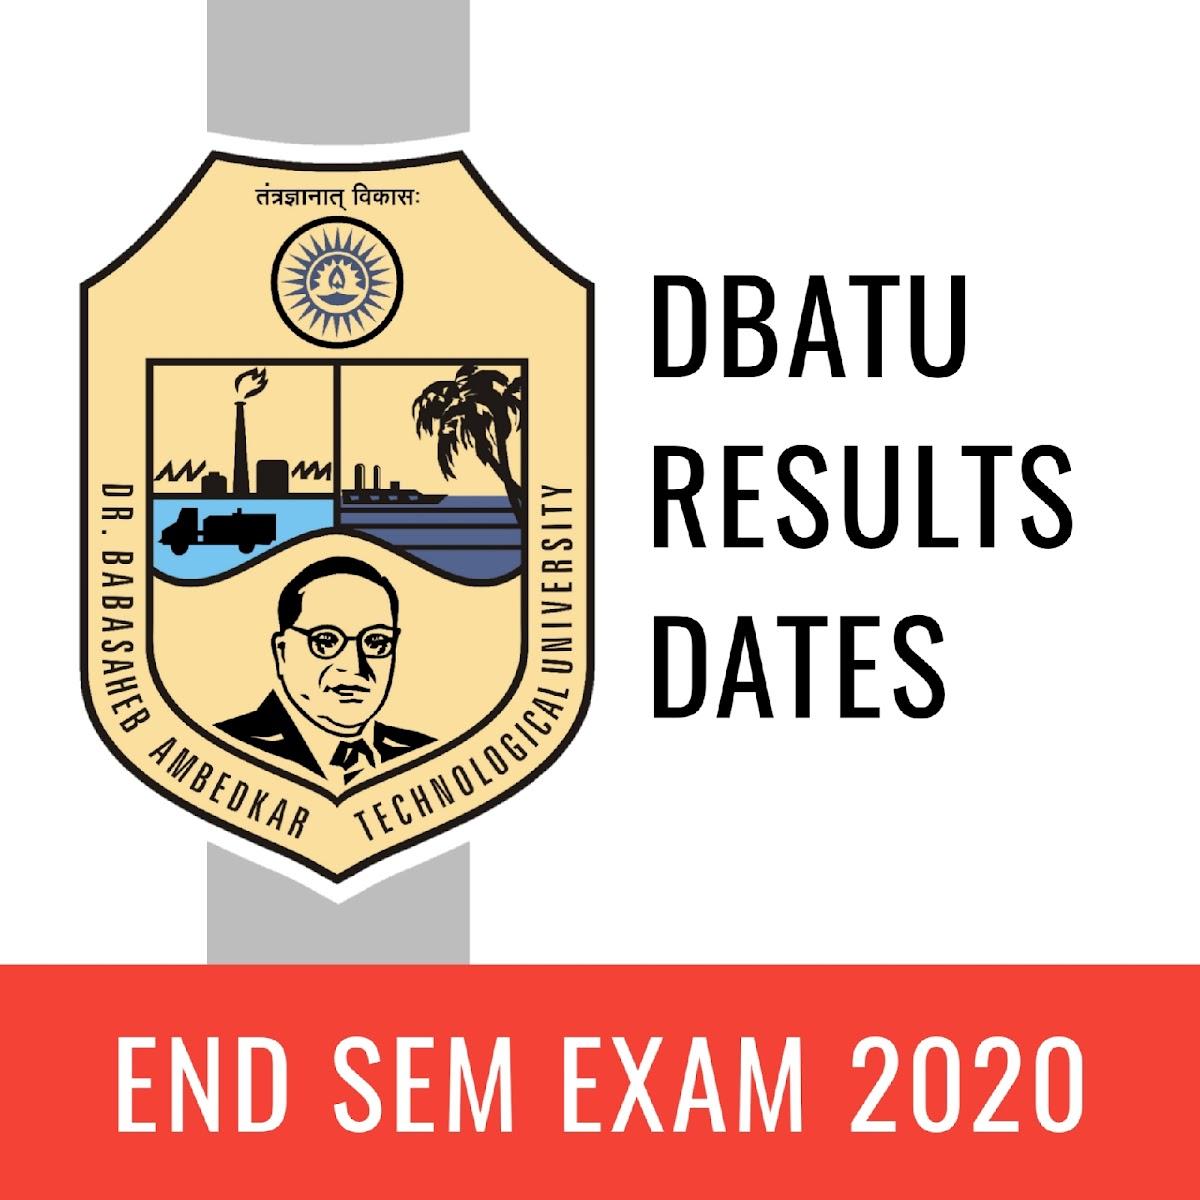 batu results 2020